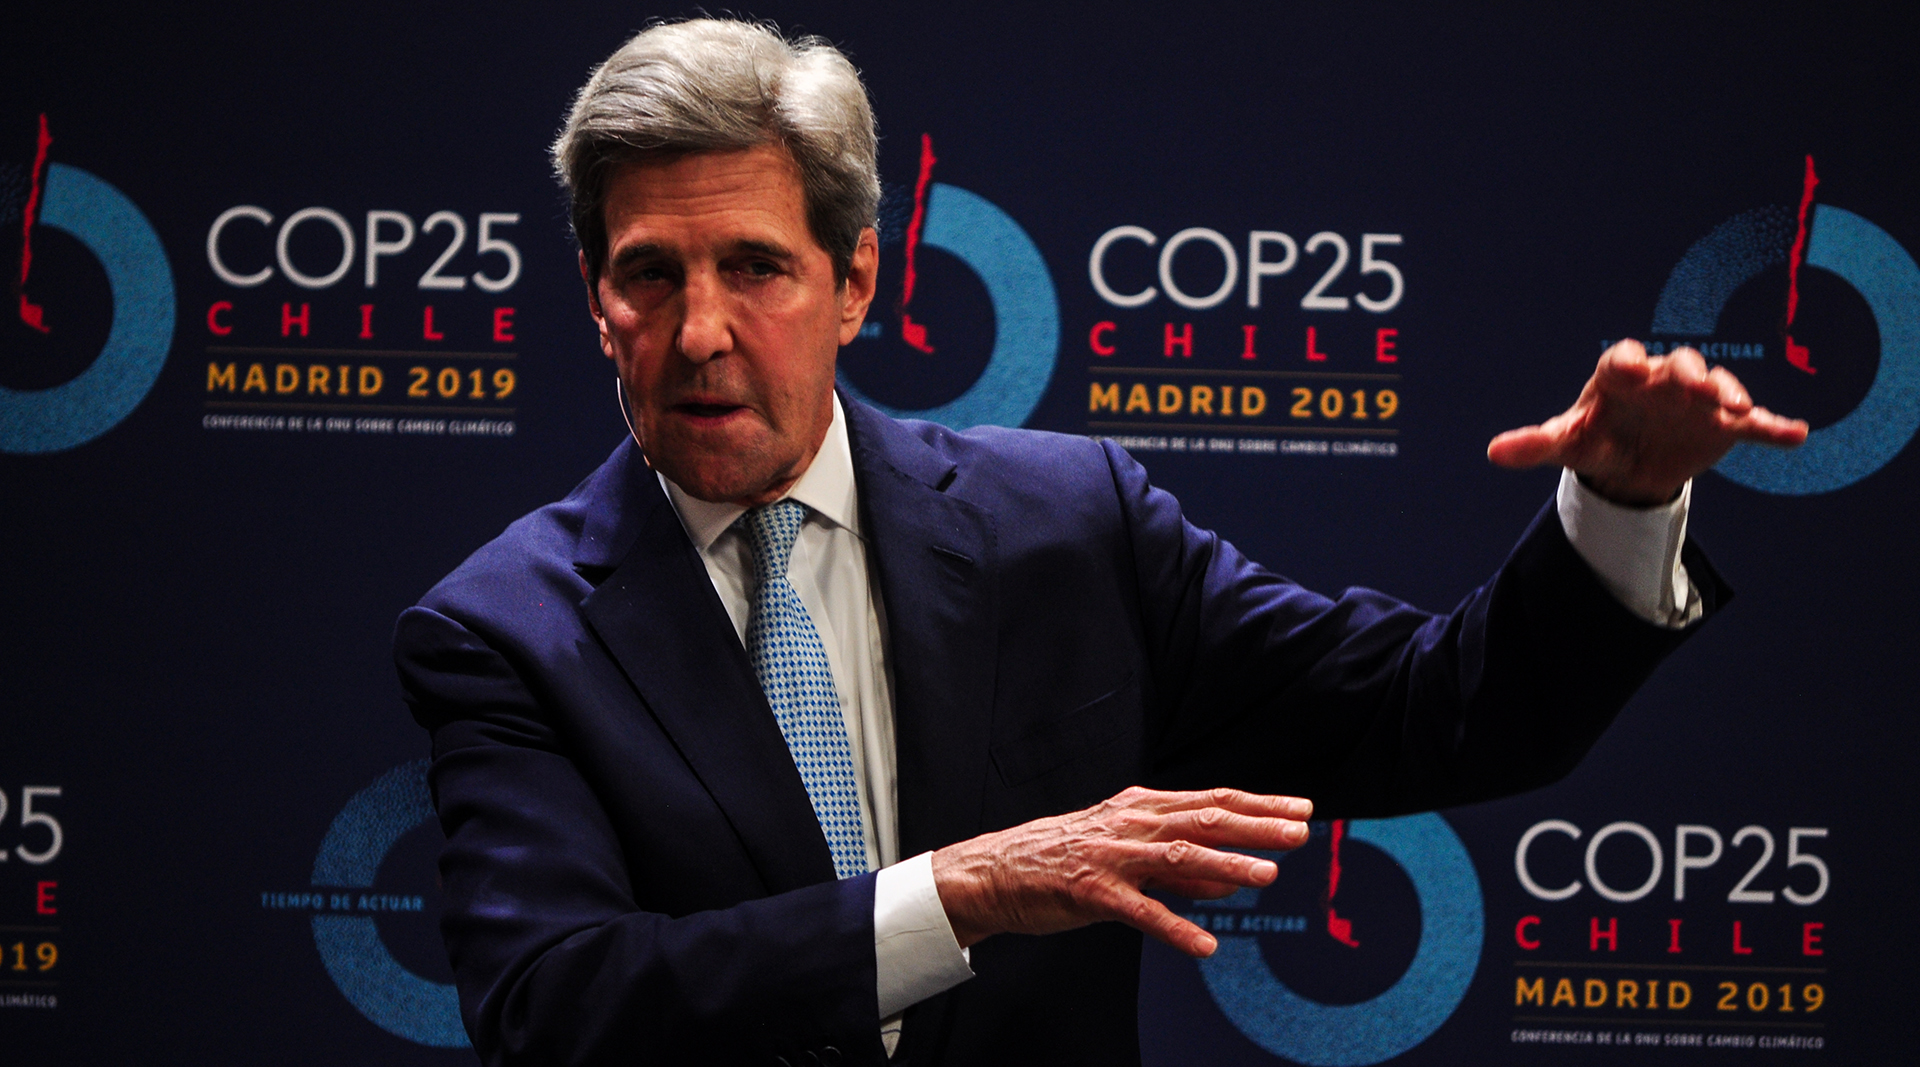 John Kerry. El ex secretario de Estado Jonh Kerry fue uno de los políticos norteamericanos que llegó hasta Madrid bajo el lema We are IN, que sirve también de nombre al movimiento civil estadounidenses que rechazan la decisión de abandonar el Acuerdo de París (Foto: Julio Batista).